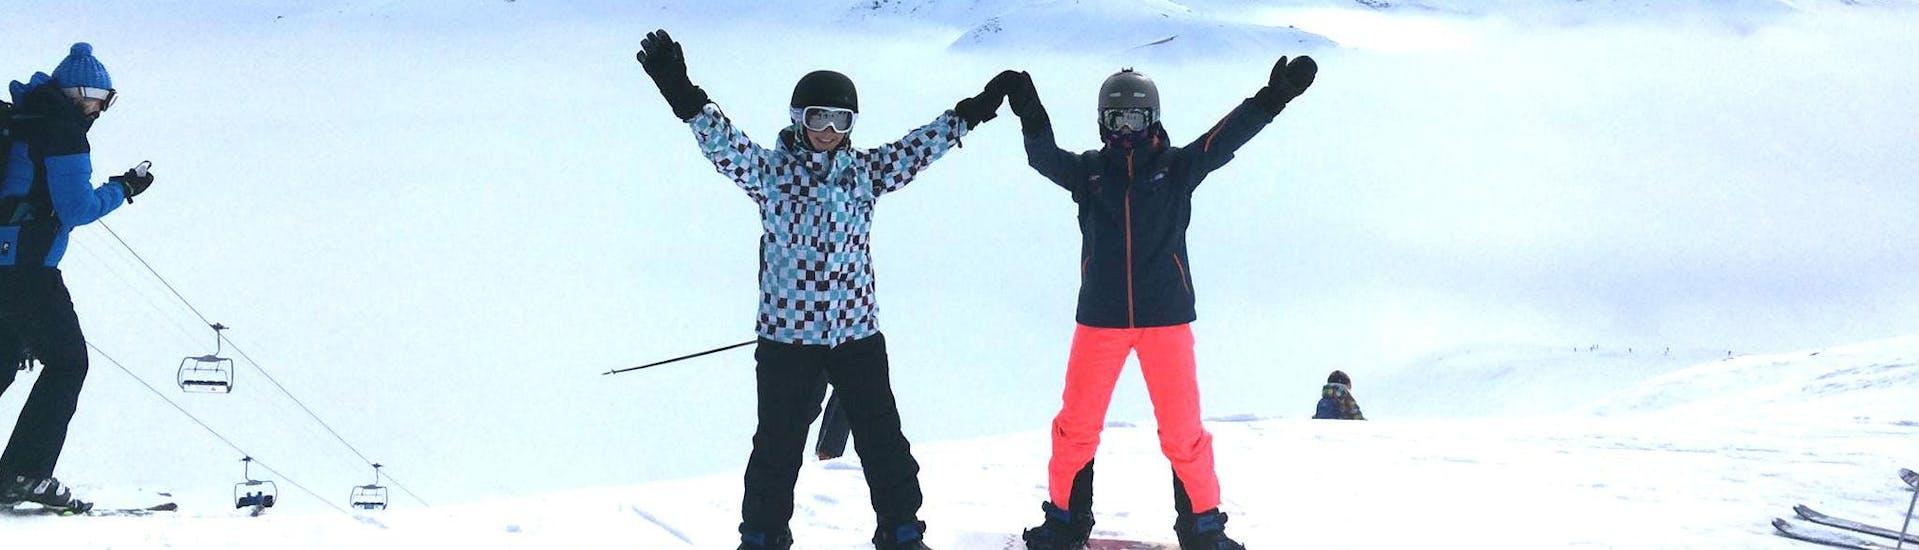 Curso de snowboard a partir de 8 años para principiantes